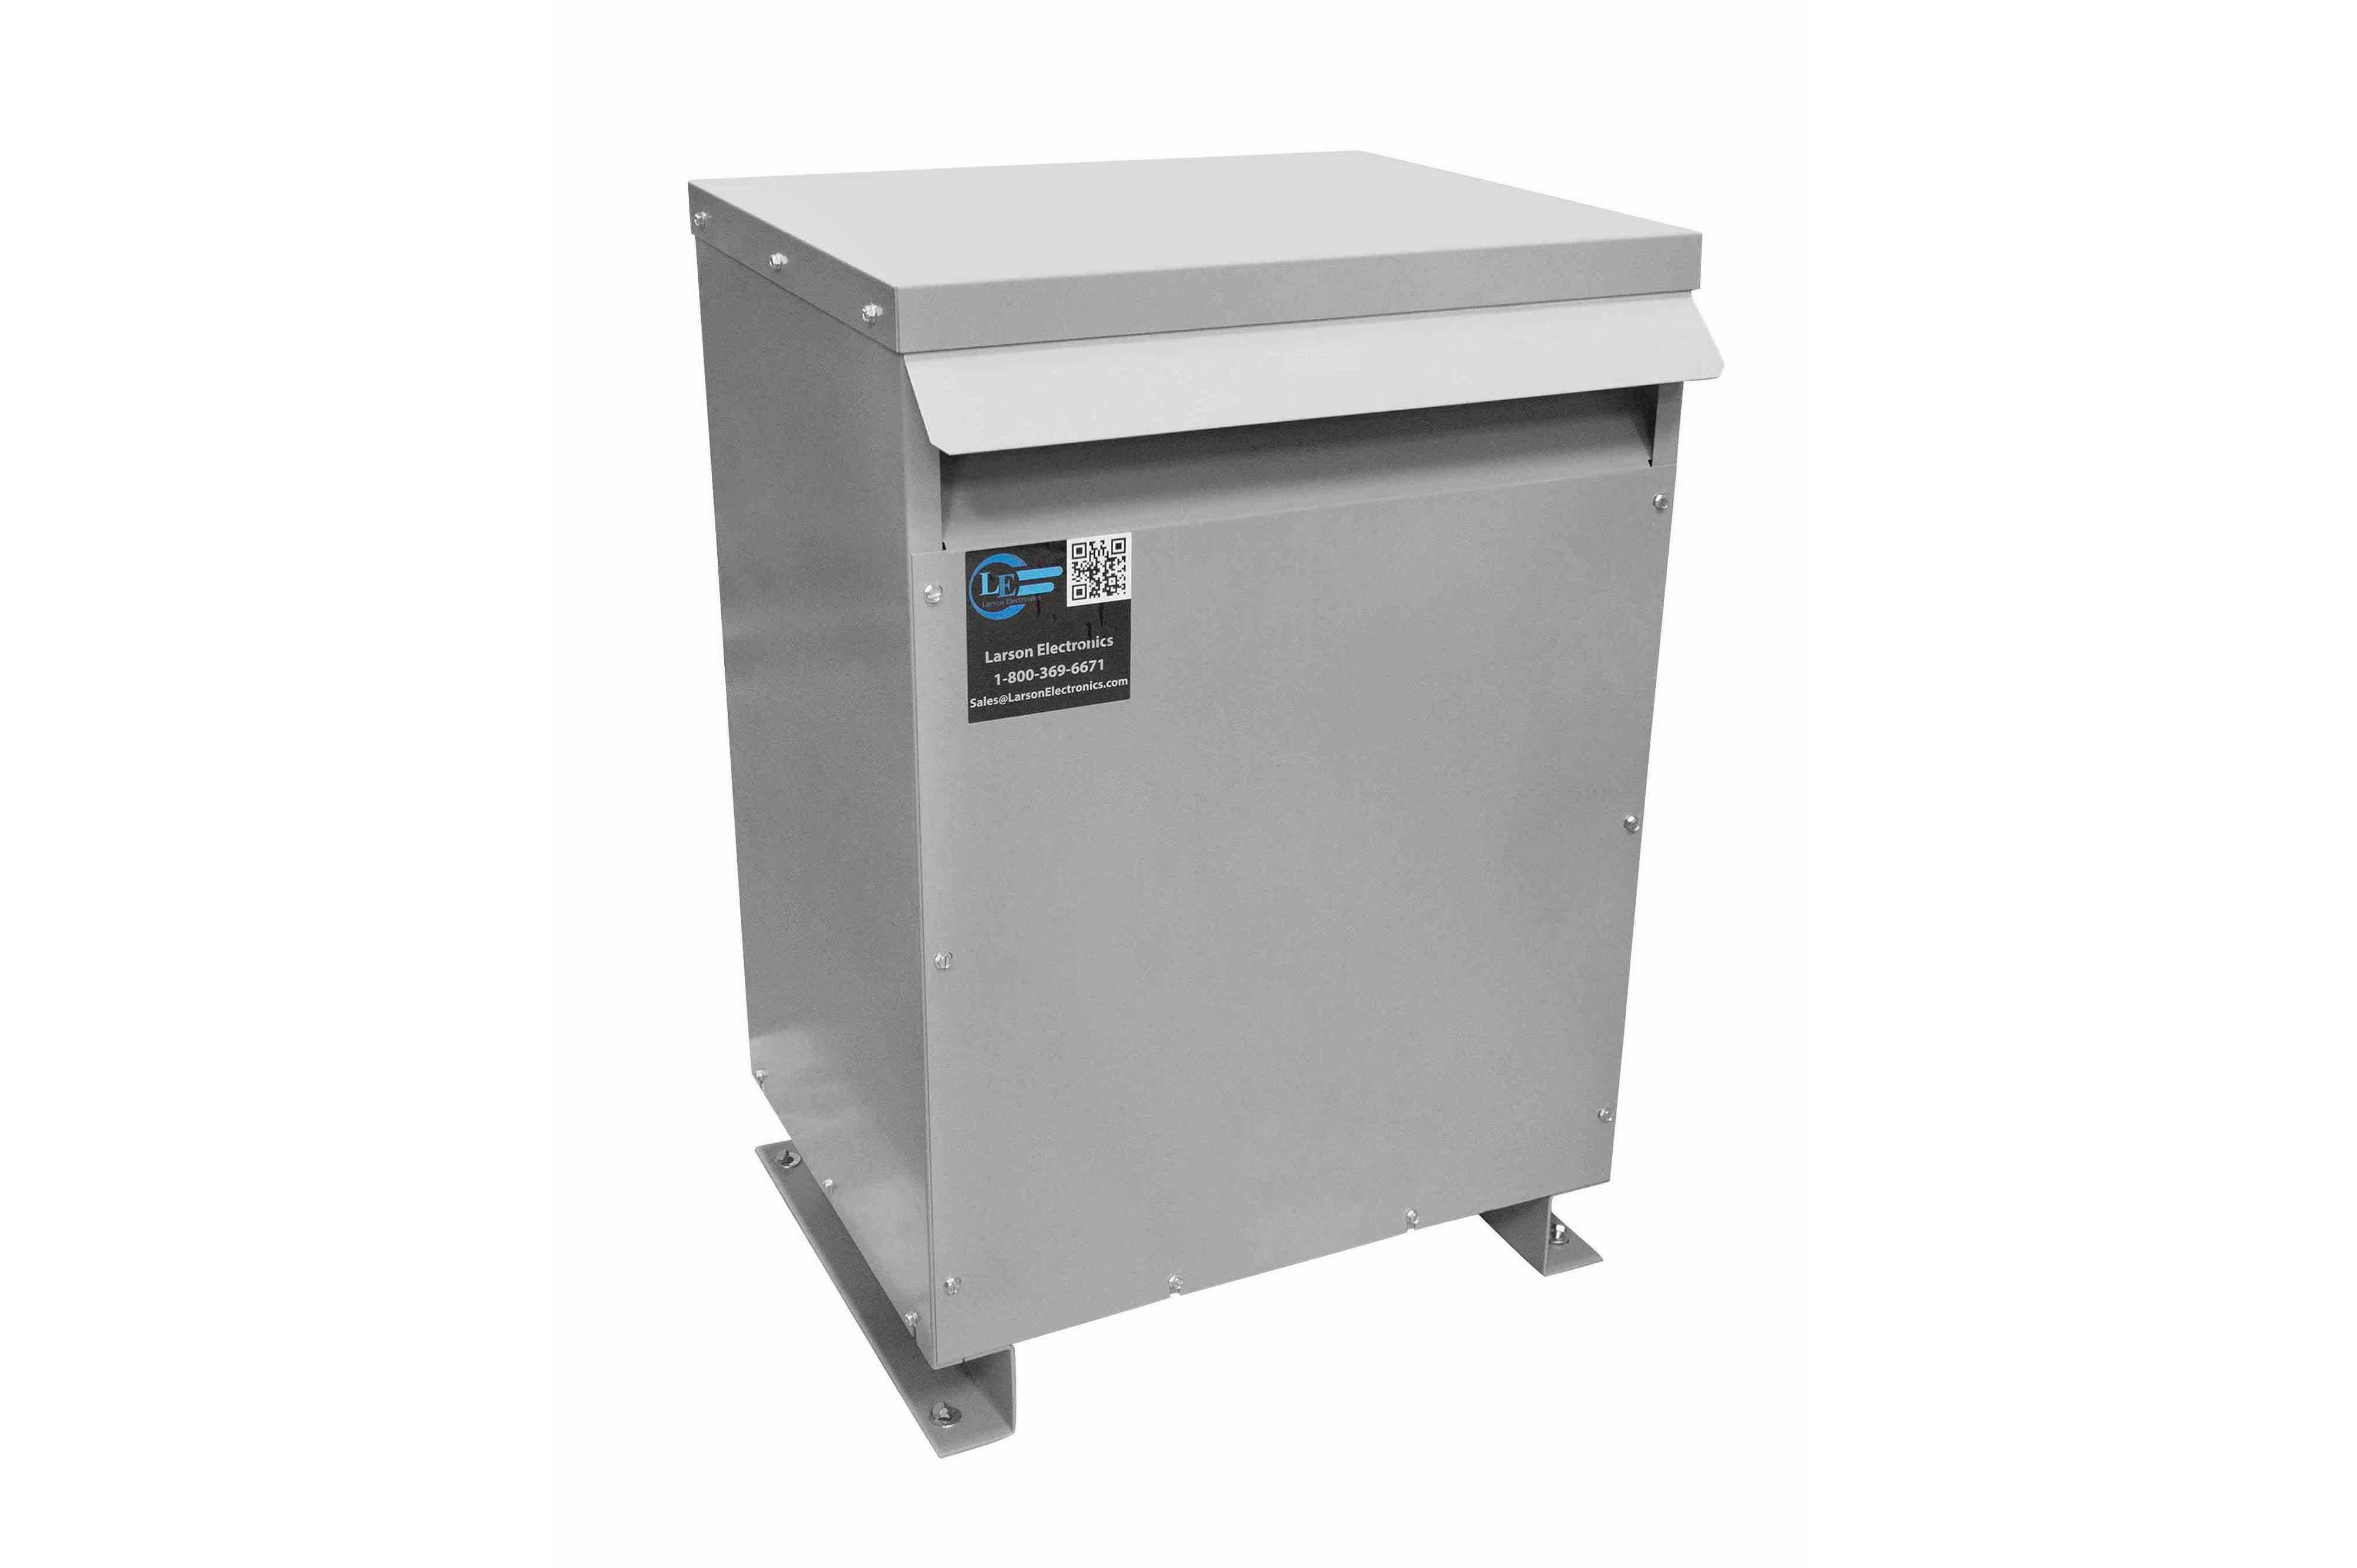 115 kVA 3PH Isolation Transformer, 575V Delta Primary, 380V Delta Secondary, N3R, Ventilated, 60 Hz